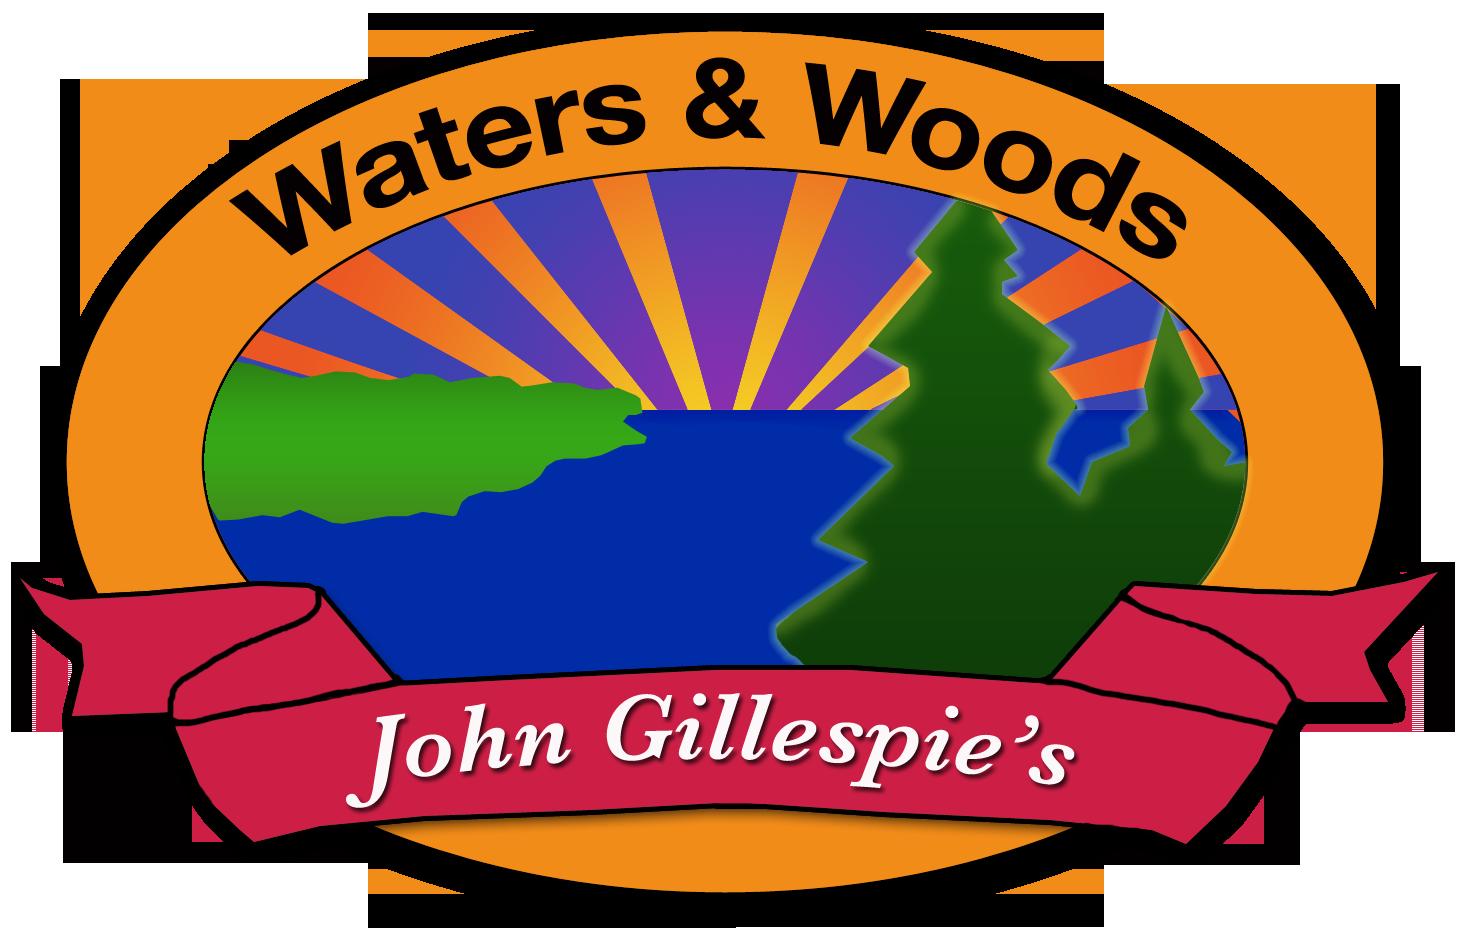 John Gillespie's Waters & Woods